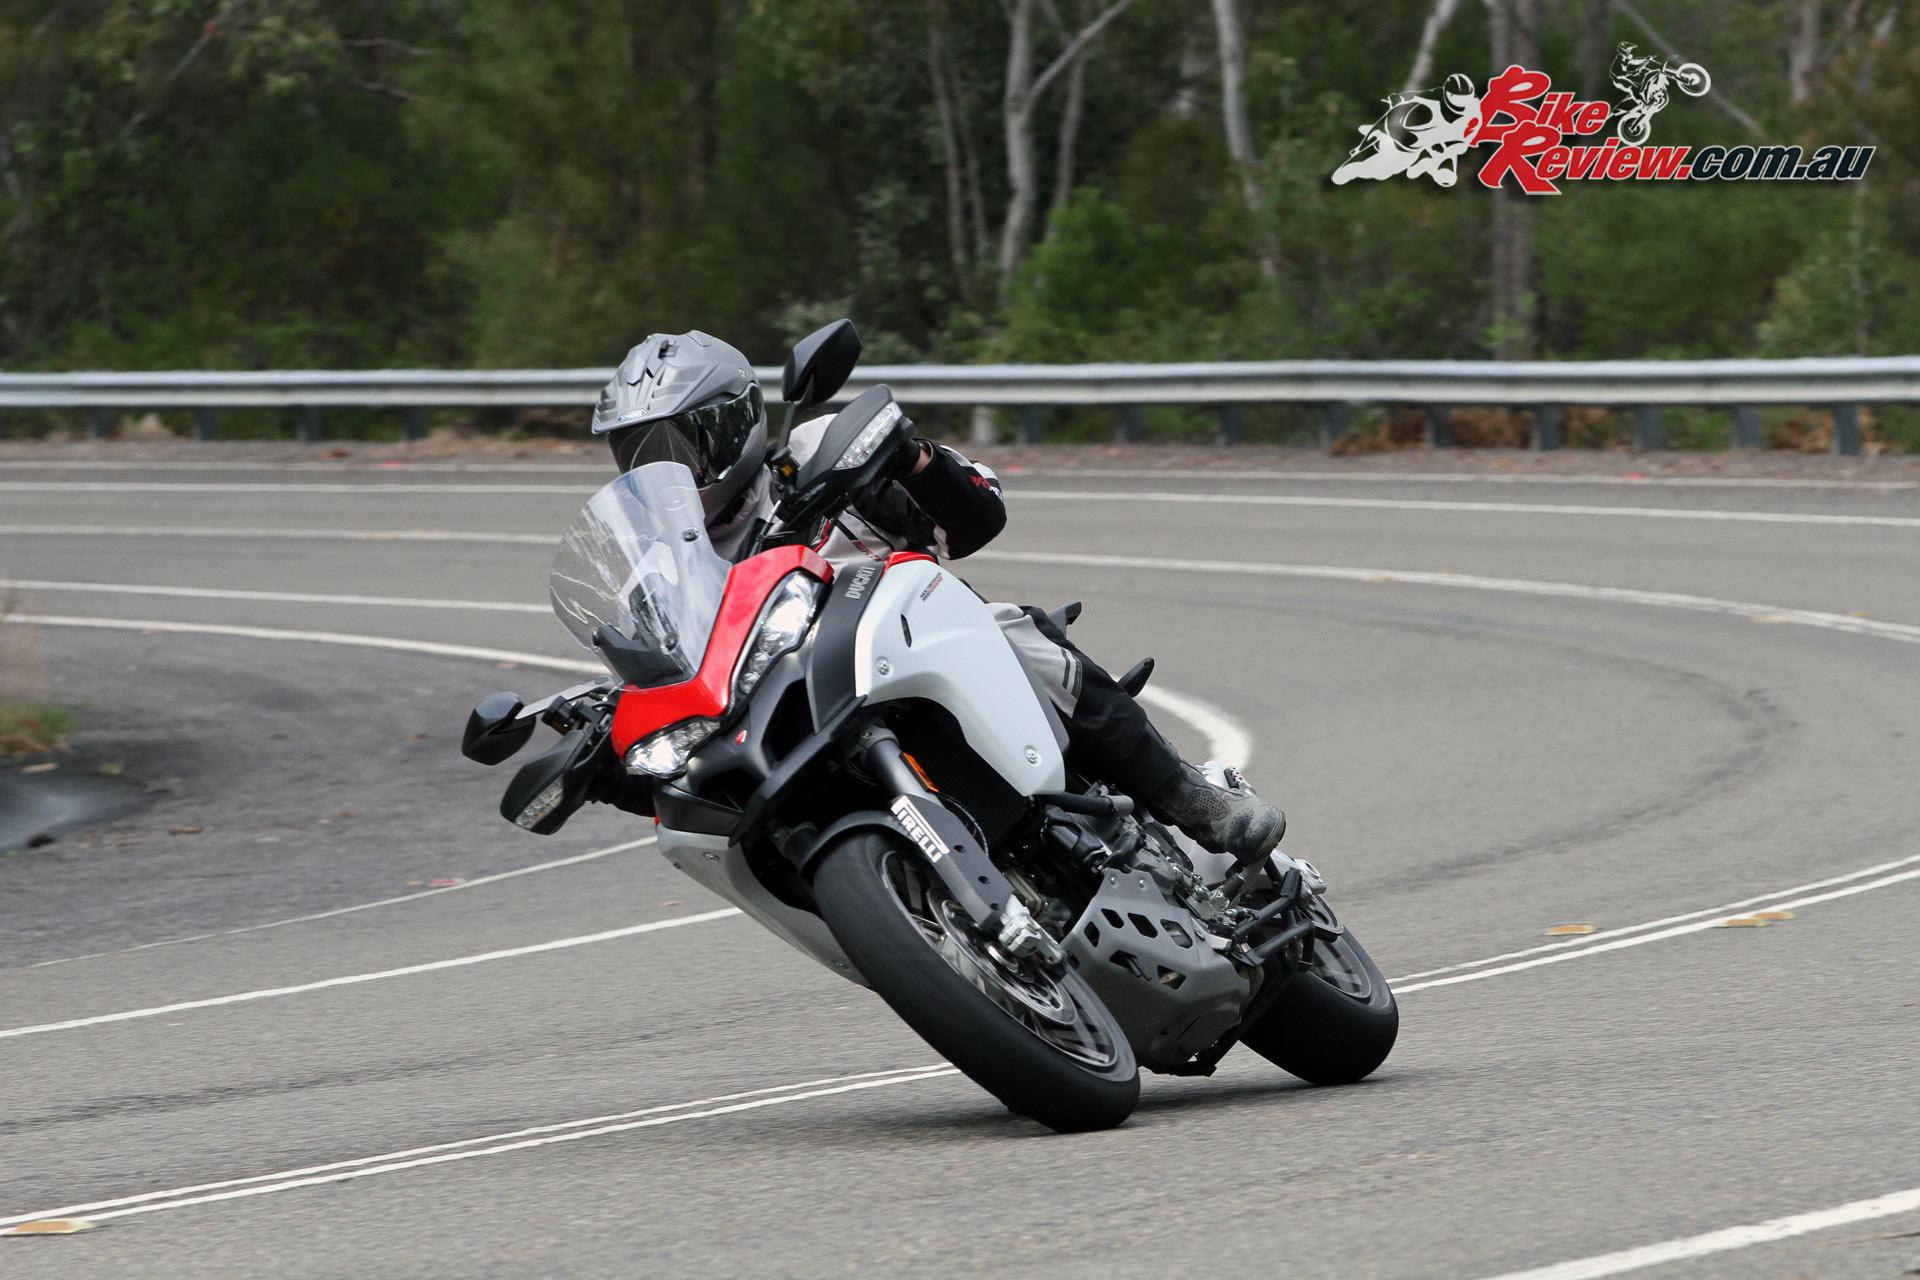 Ducati Adventure Bike Review